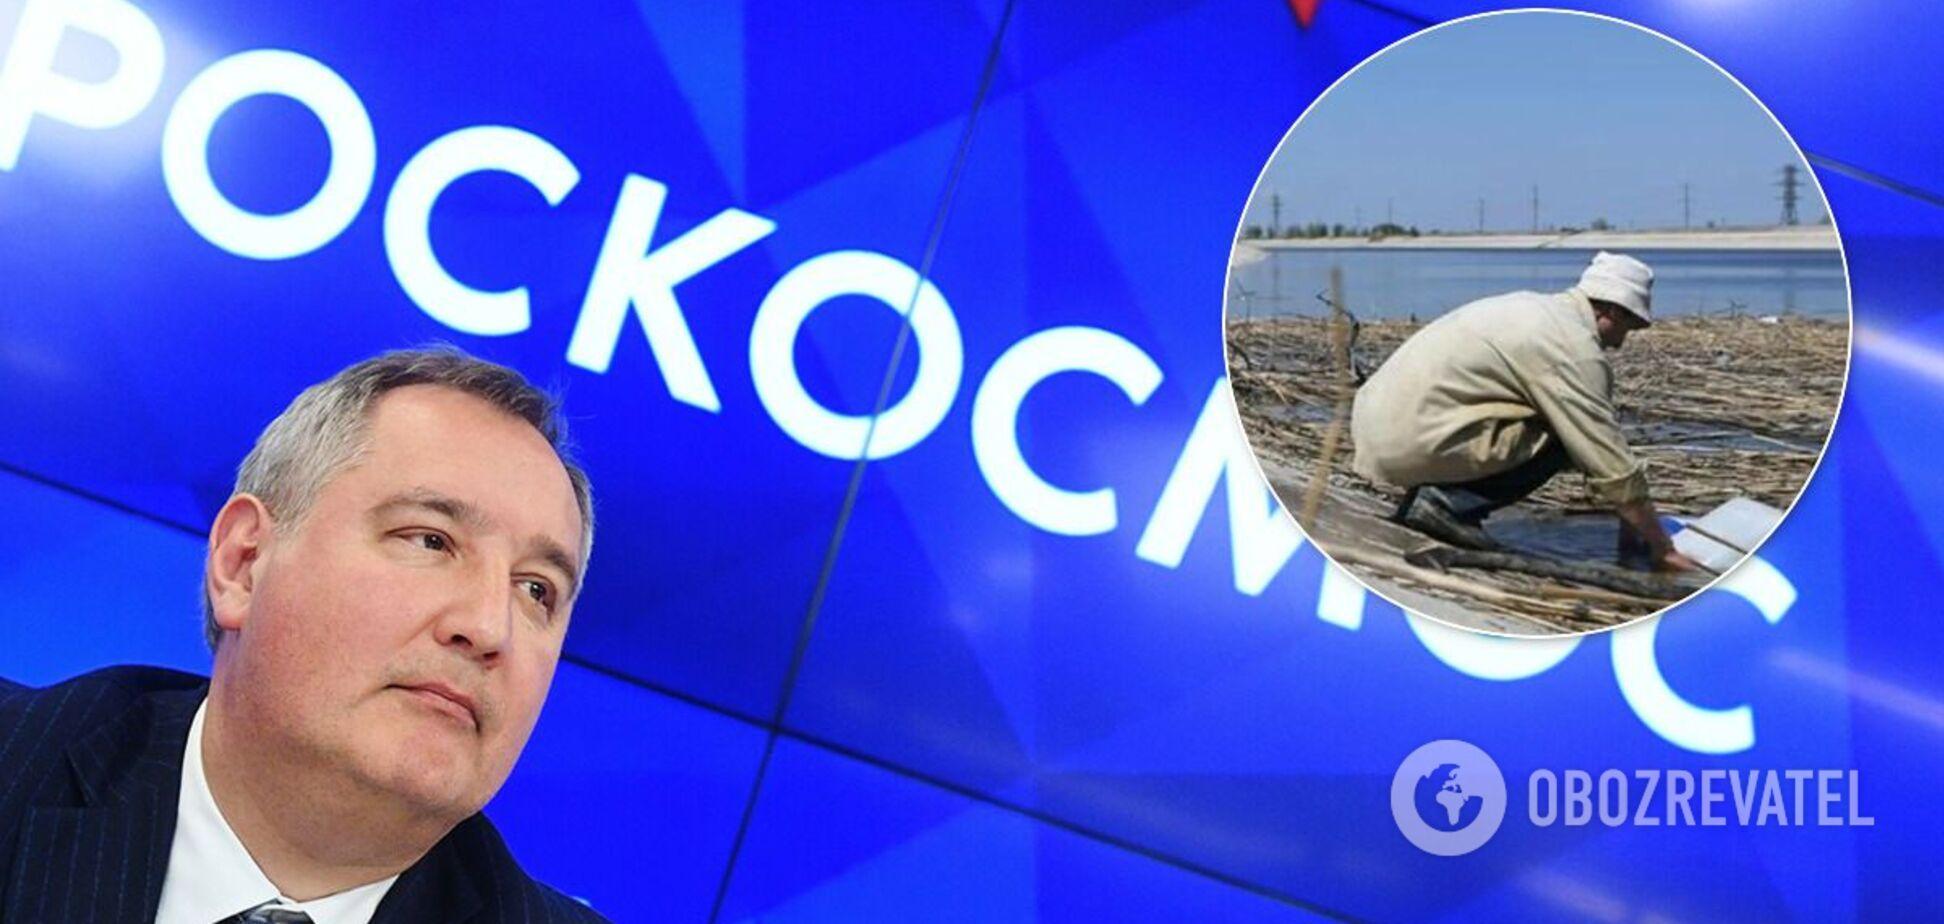 'Роскосмос' вызвался опреснять воду в Крыму